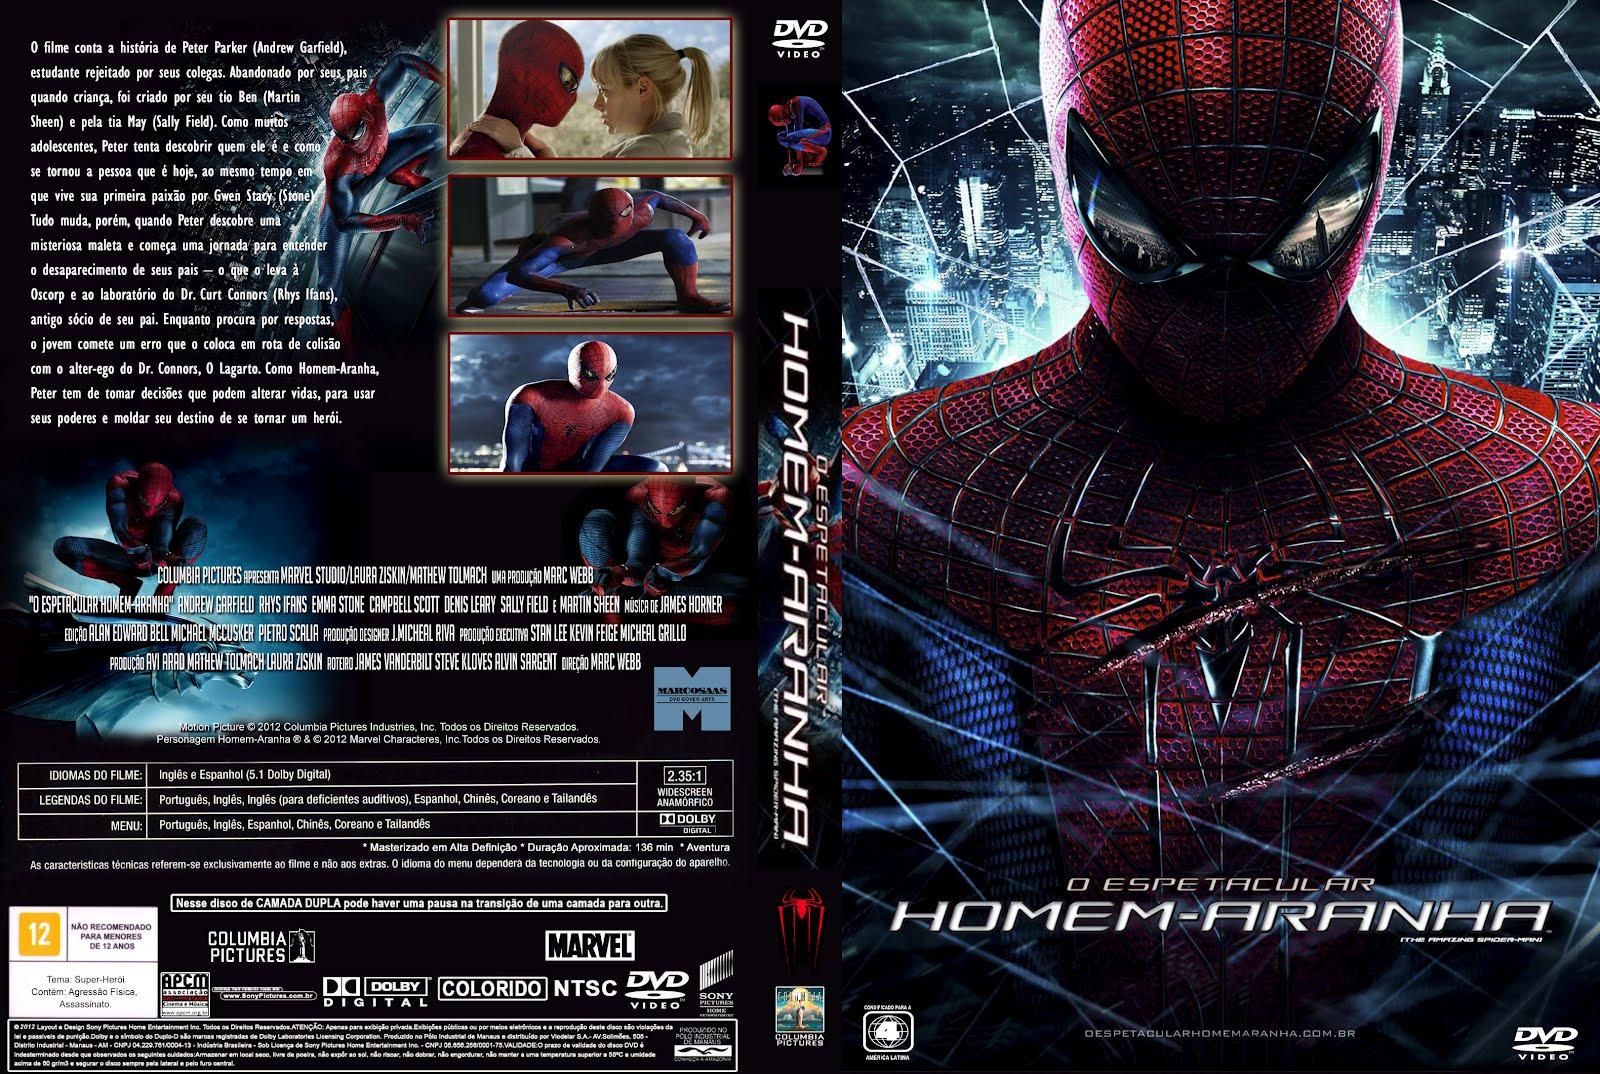 filme o espetacular homem-aranha dublado rmvb dvdrip